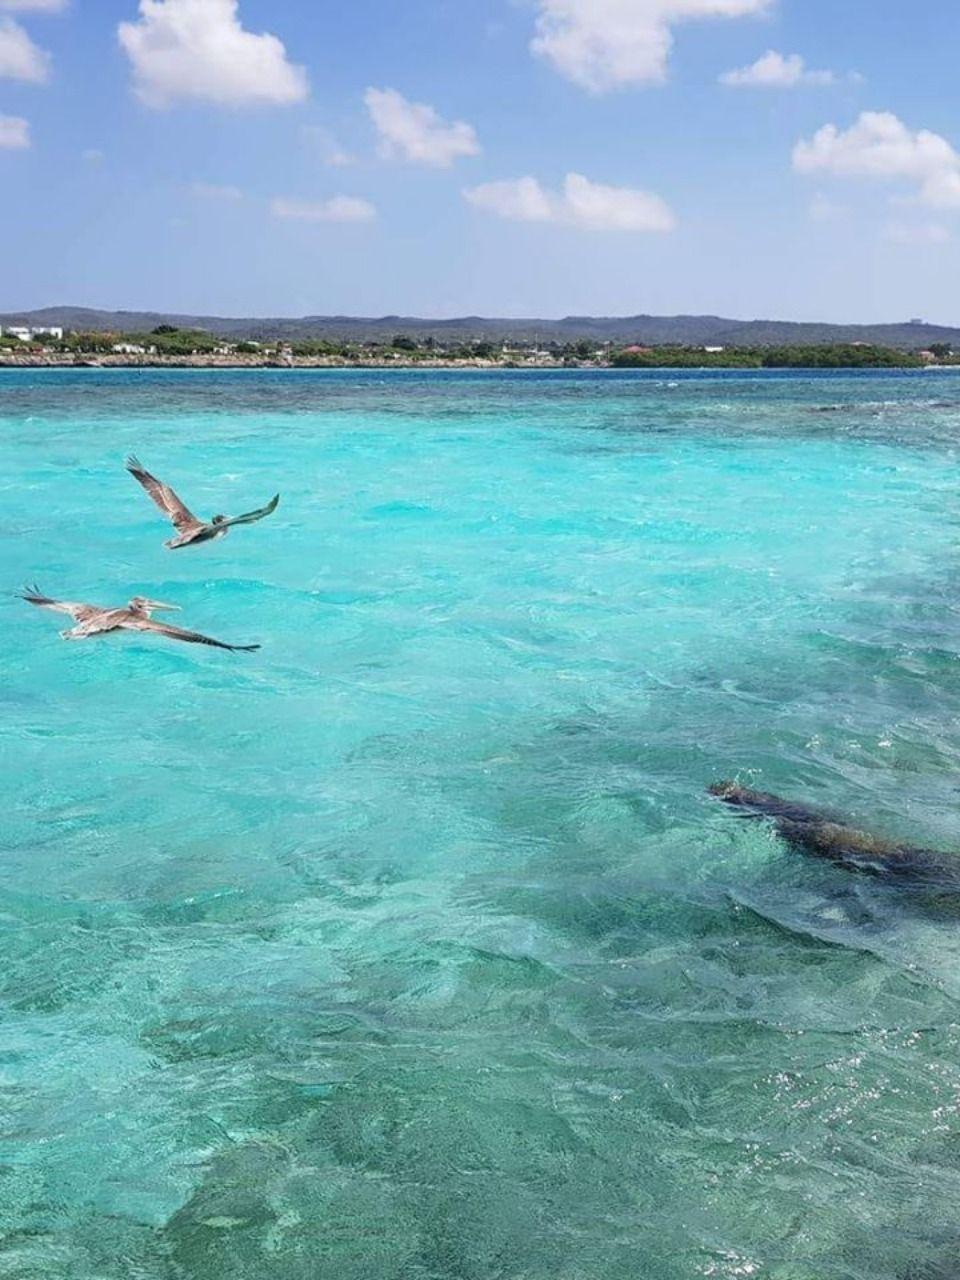 Pin By Visitaruba On Aruba Beaches Aruba Beach Aruba Beach